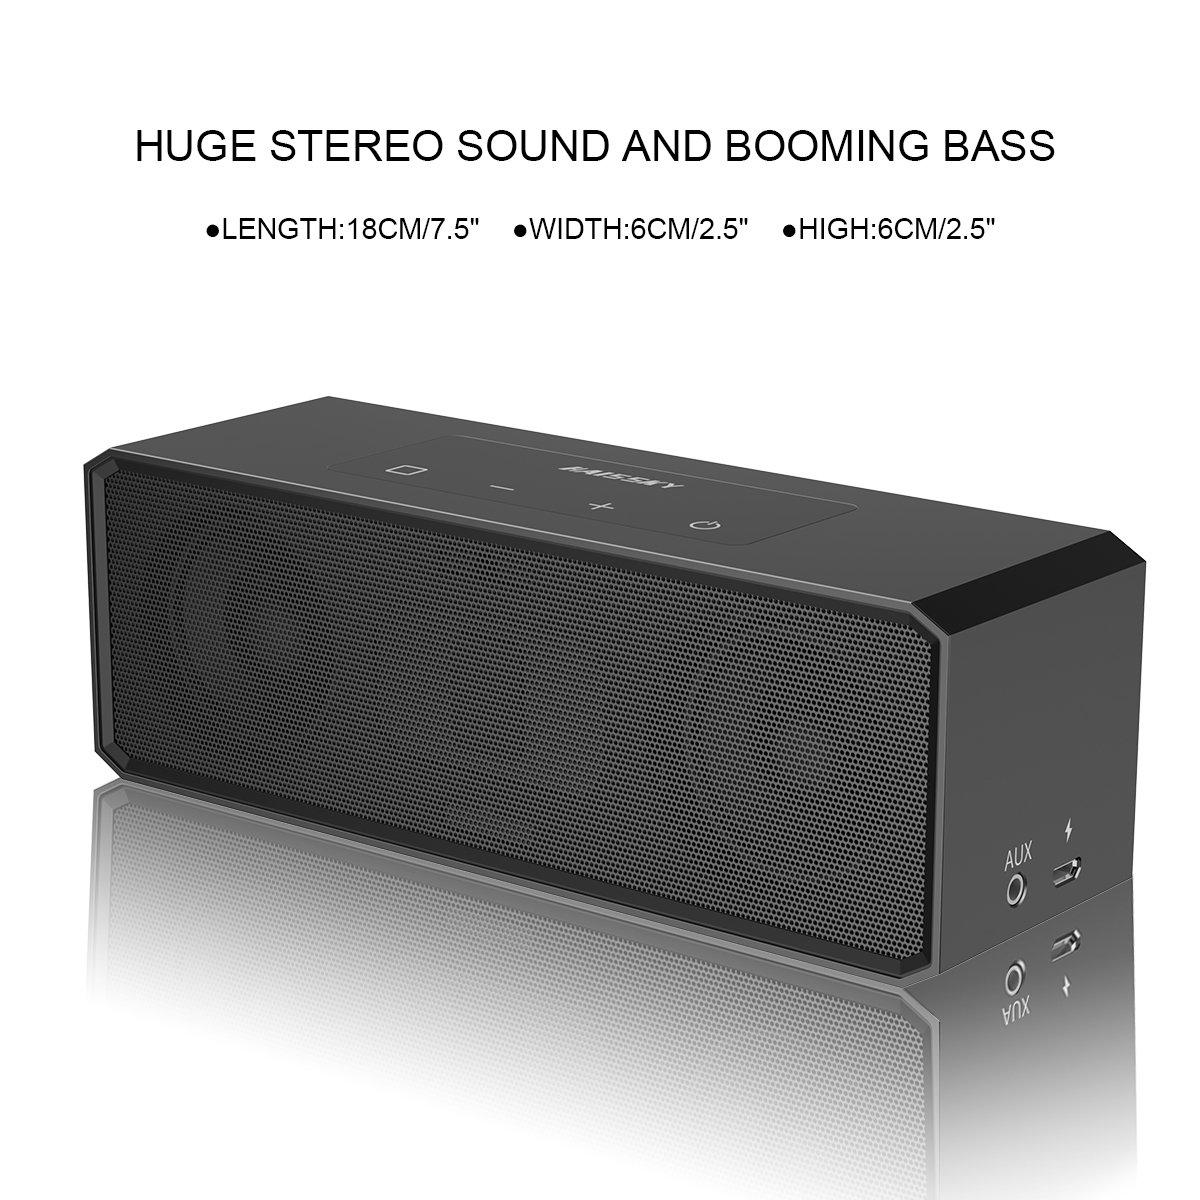 Altoparlante doccia - certificato impermeabile Wireless 4.0 altoparlante - con HD suono e basso, radio FM, effetto LED colorato, forte adesione, chiamate senza fili per tutti i dispositivi Bluetooth Yigou 4330351659